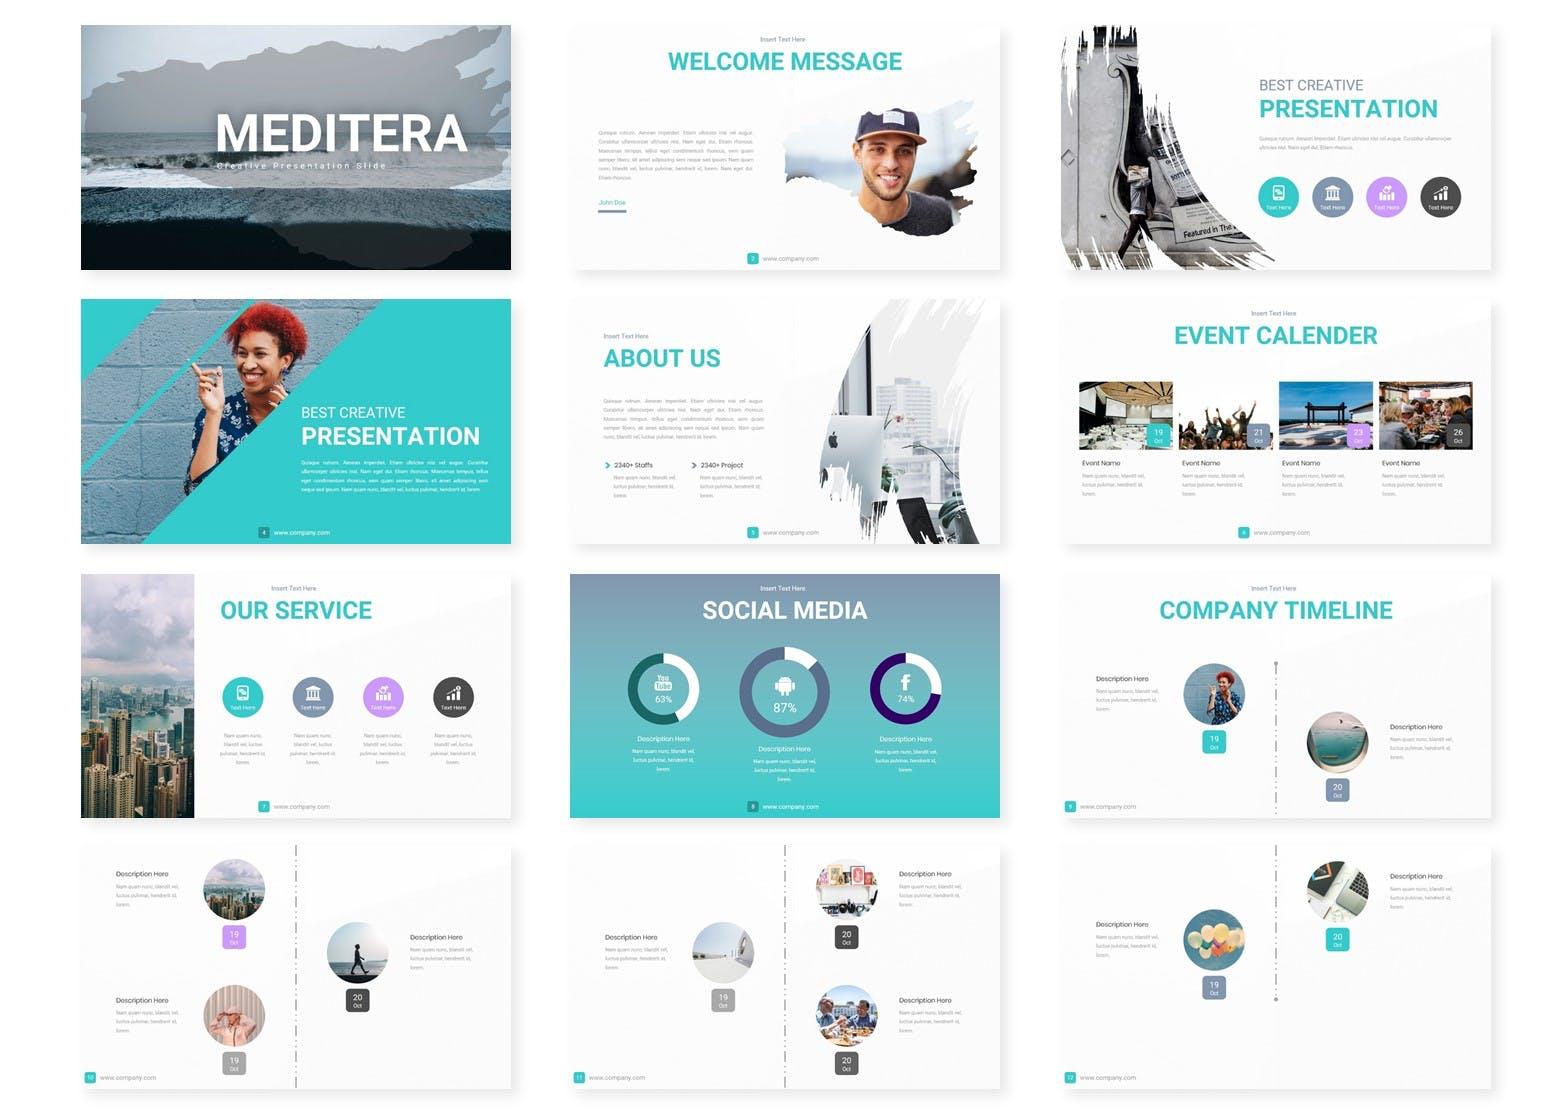 企业历史发展回顾主题演讲PPT幻灯片模板Meditera Keynote Template插图(1)